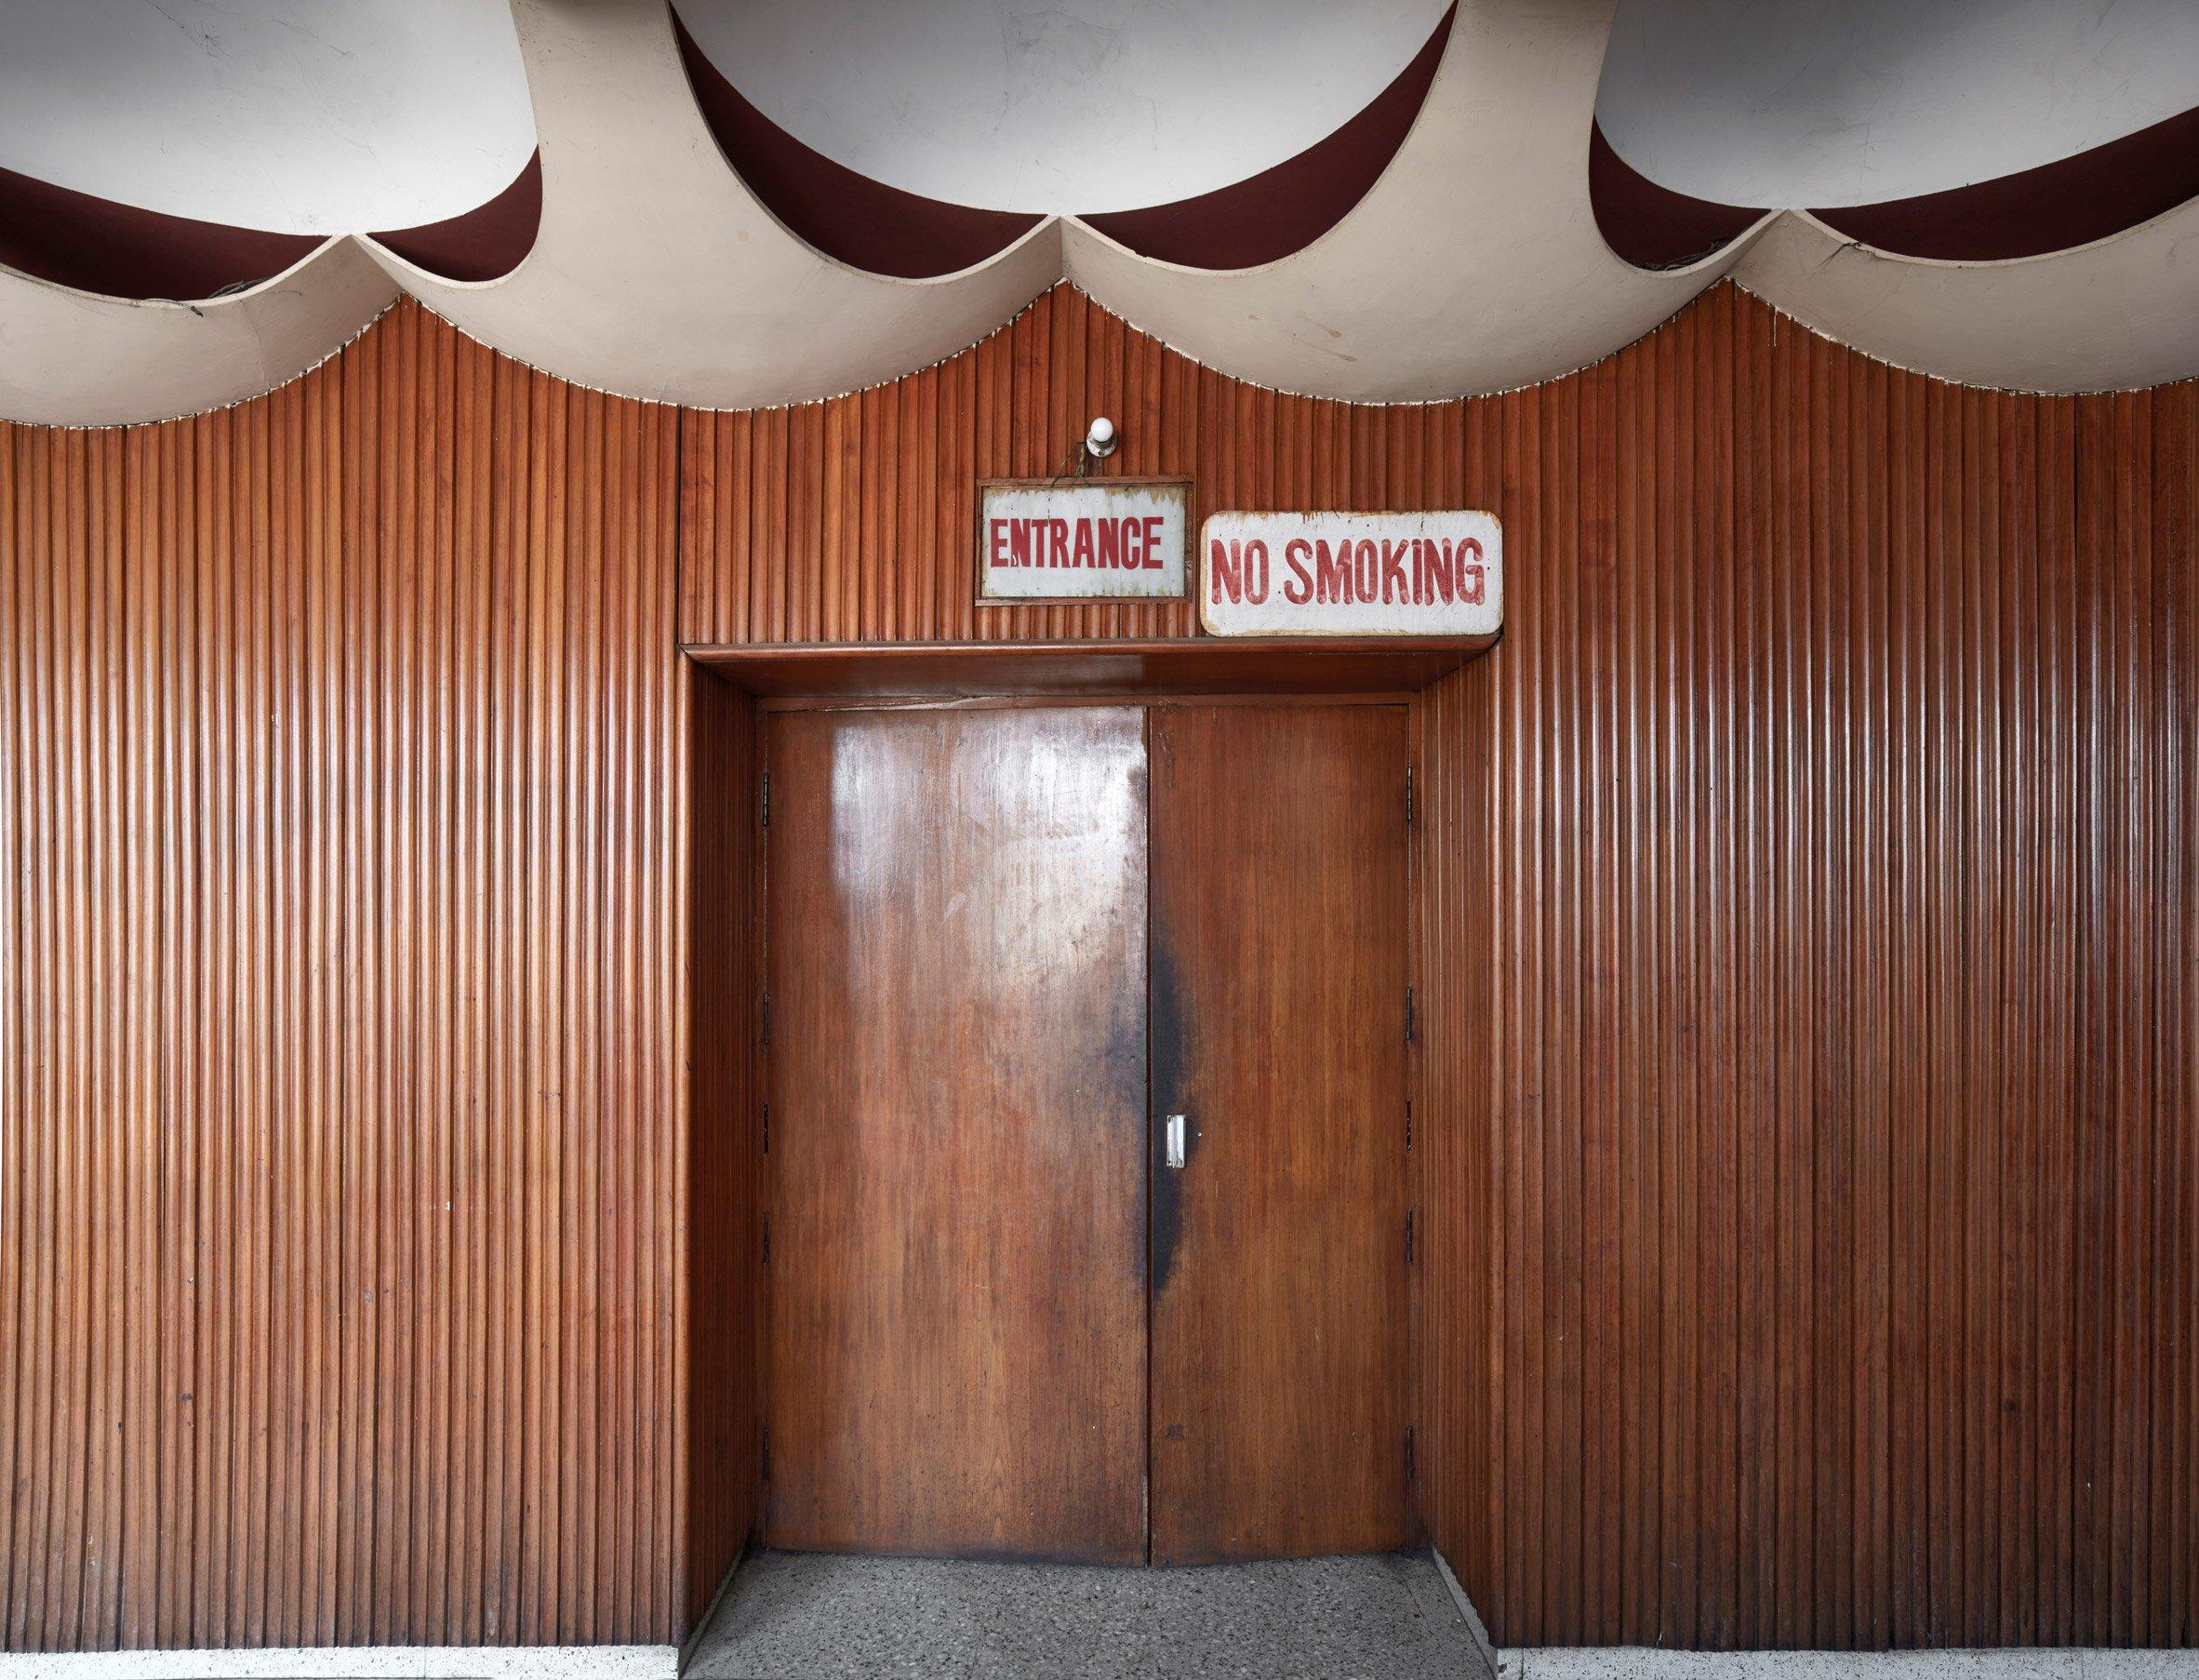 neelam-theatre-aditya-prakash-architecture-photography-edmund-sumner-chandigarh-india-_dezeen_2364_col_5.jpg